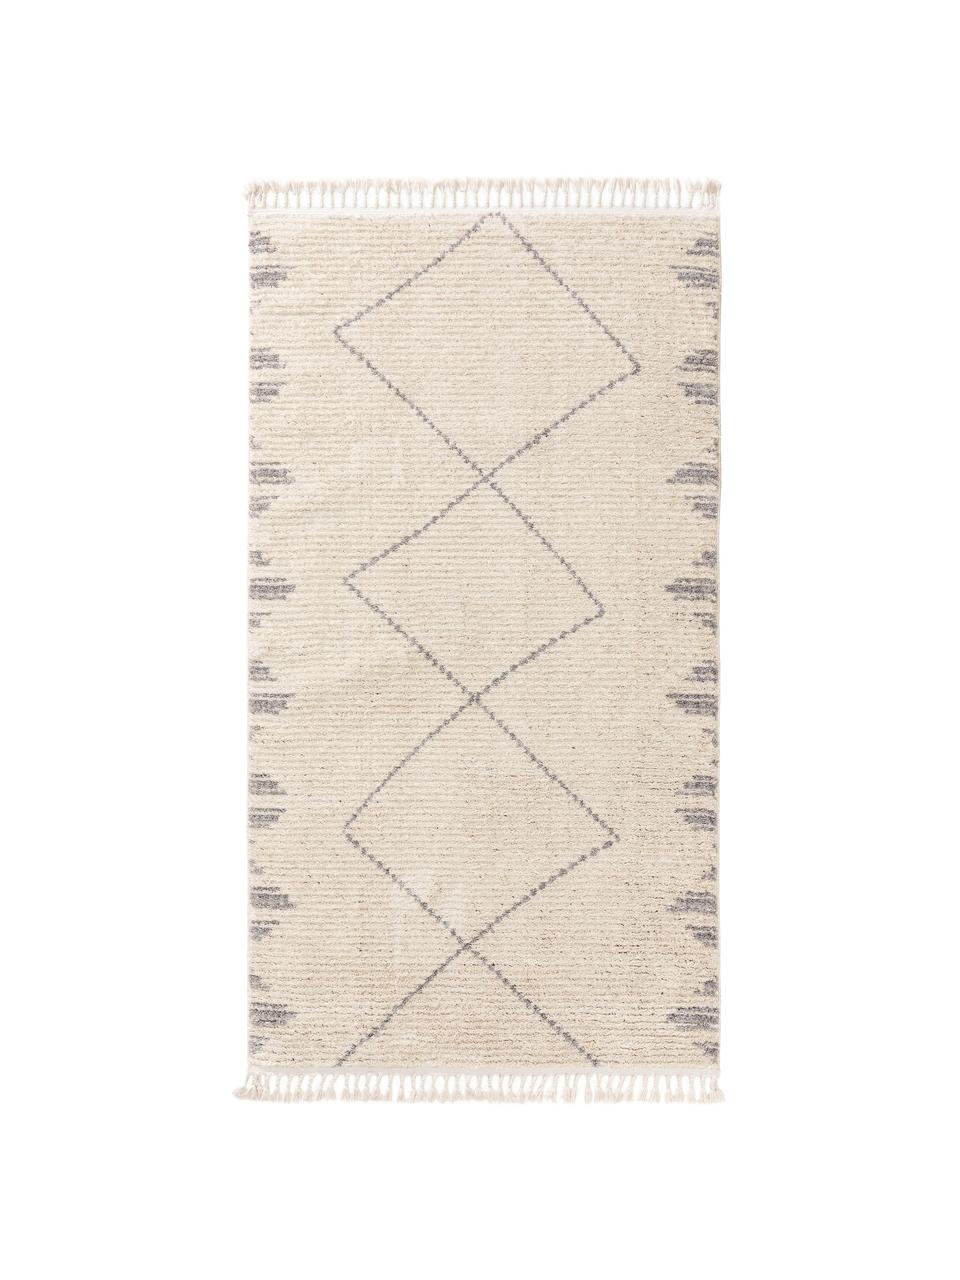 Hochflor-Teppich Bosse mit Bohomuster und Fransen, 100% Polyester, Hellbeige, Grau, B 160 x L 230 cm (Größe M)